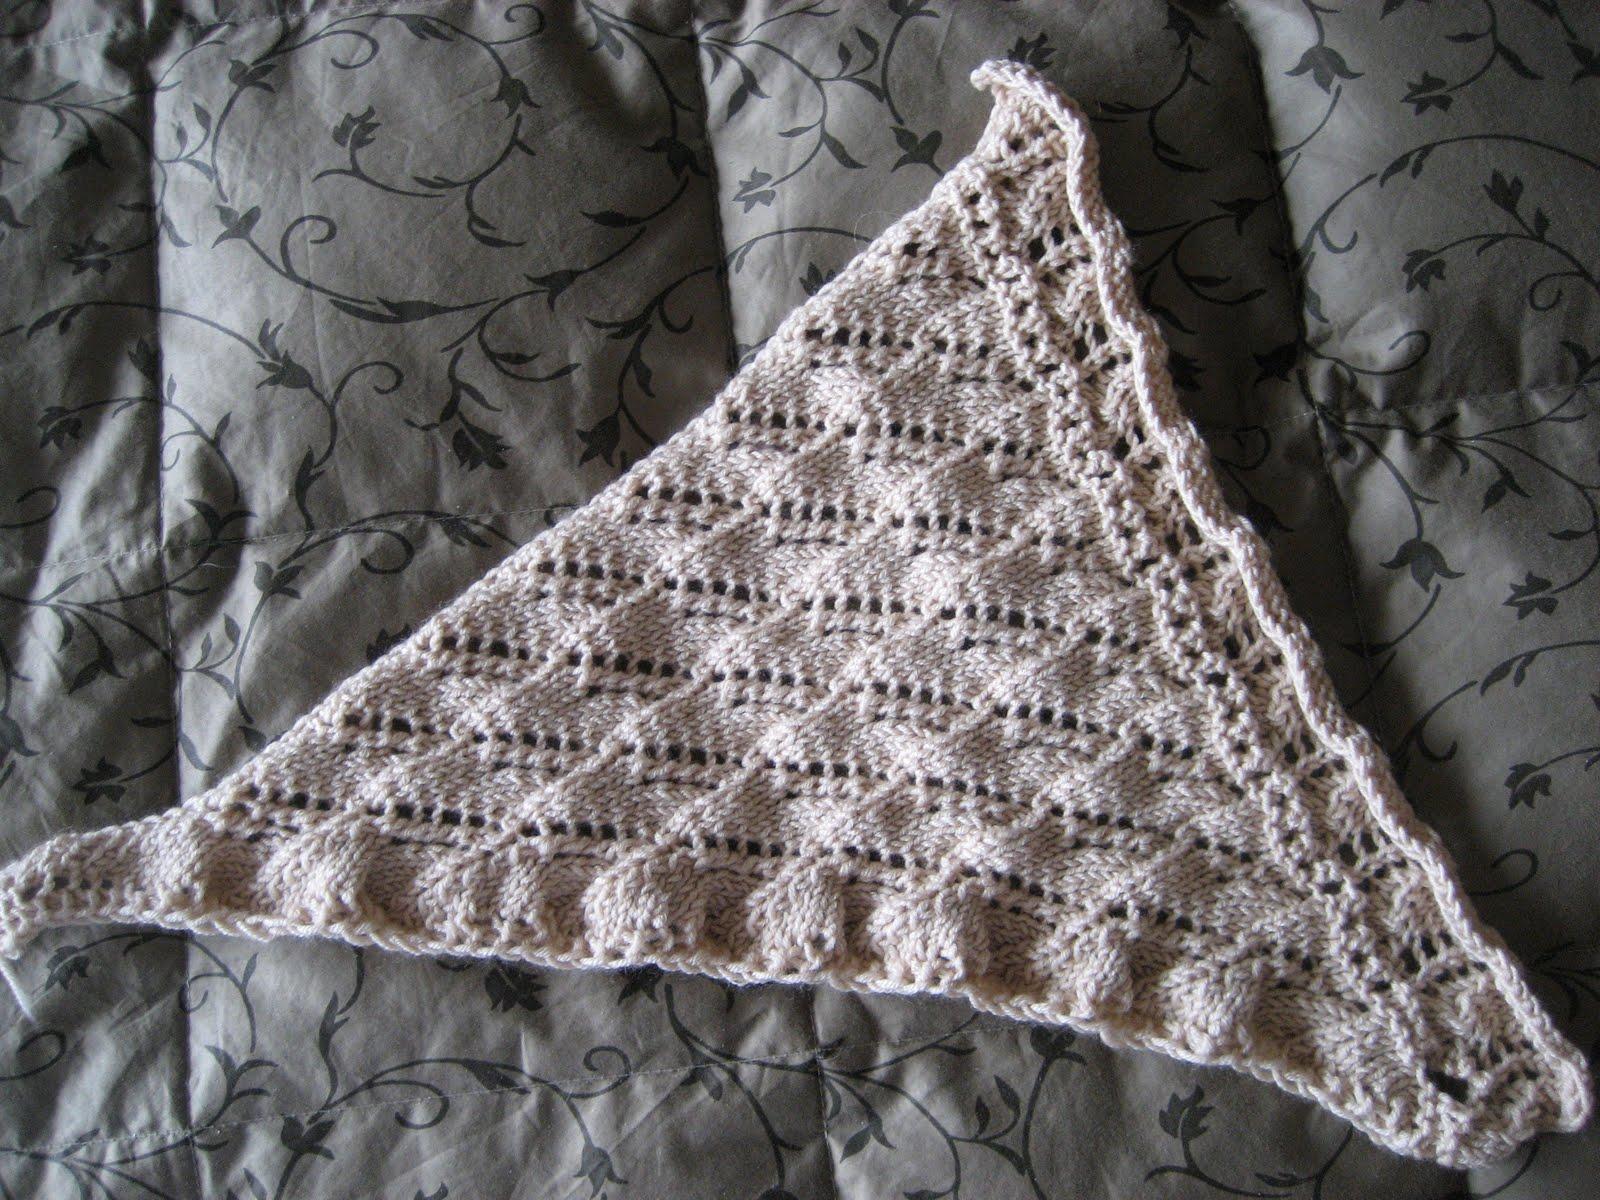 Knitting Knotty : Red hat knitter knotty scarflet